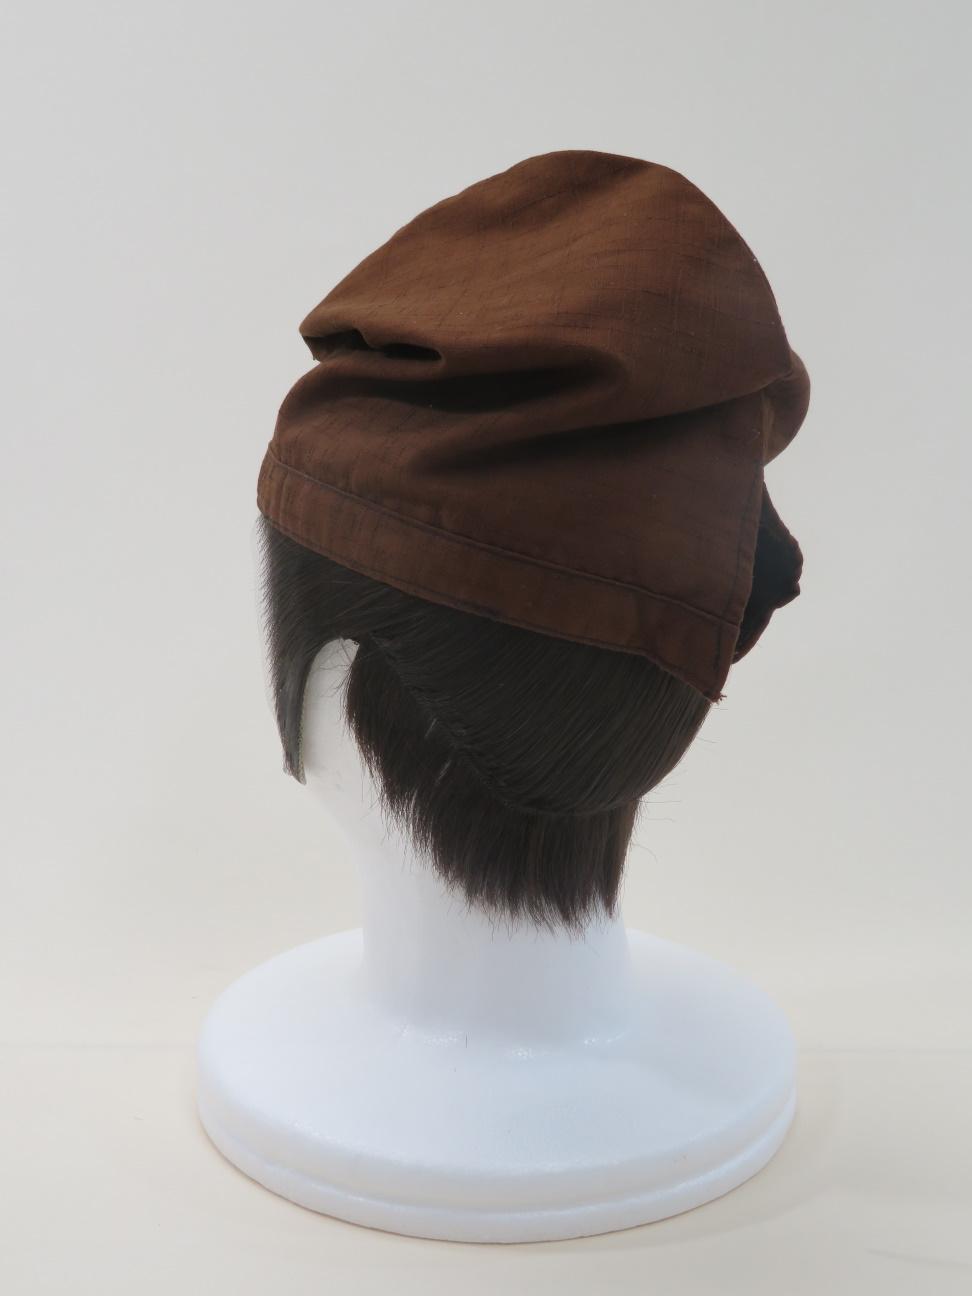 5.たばね髪3